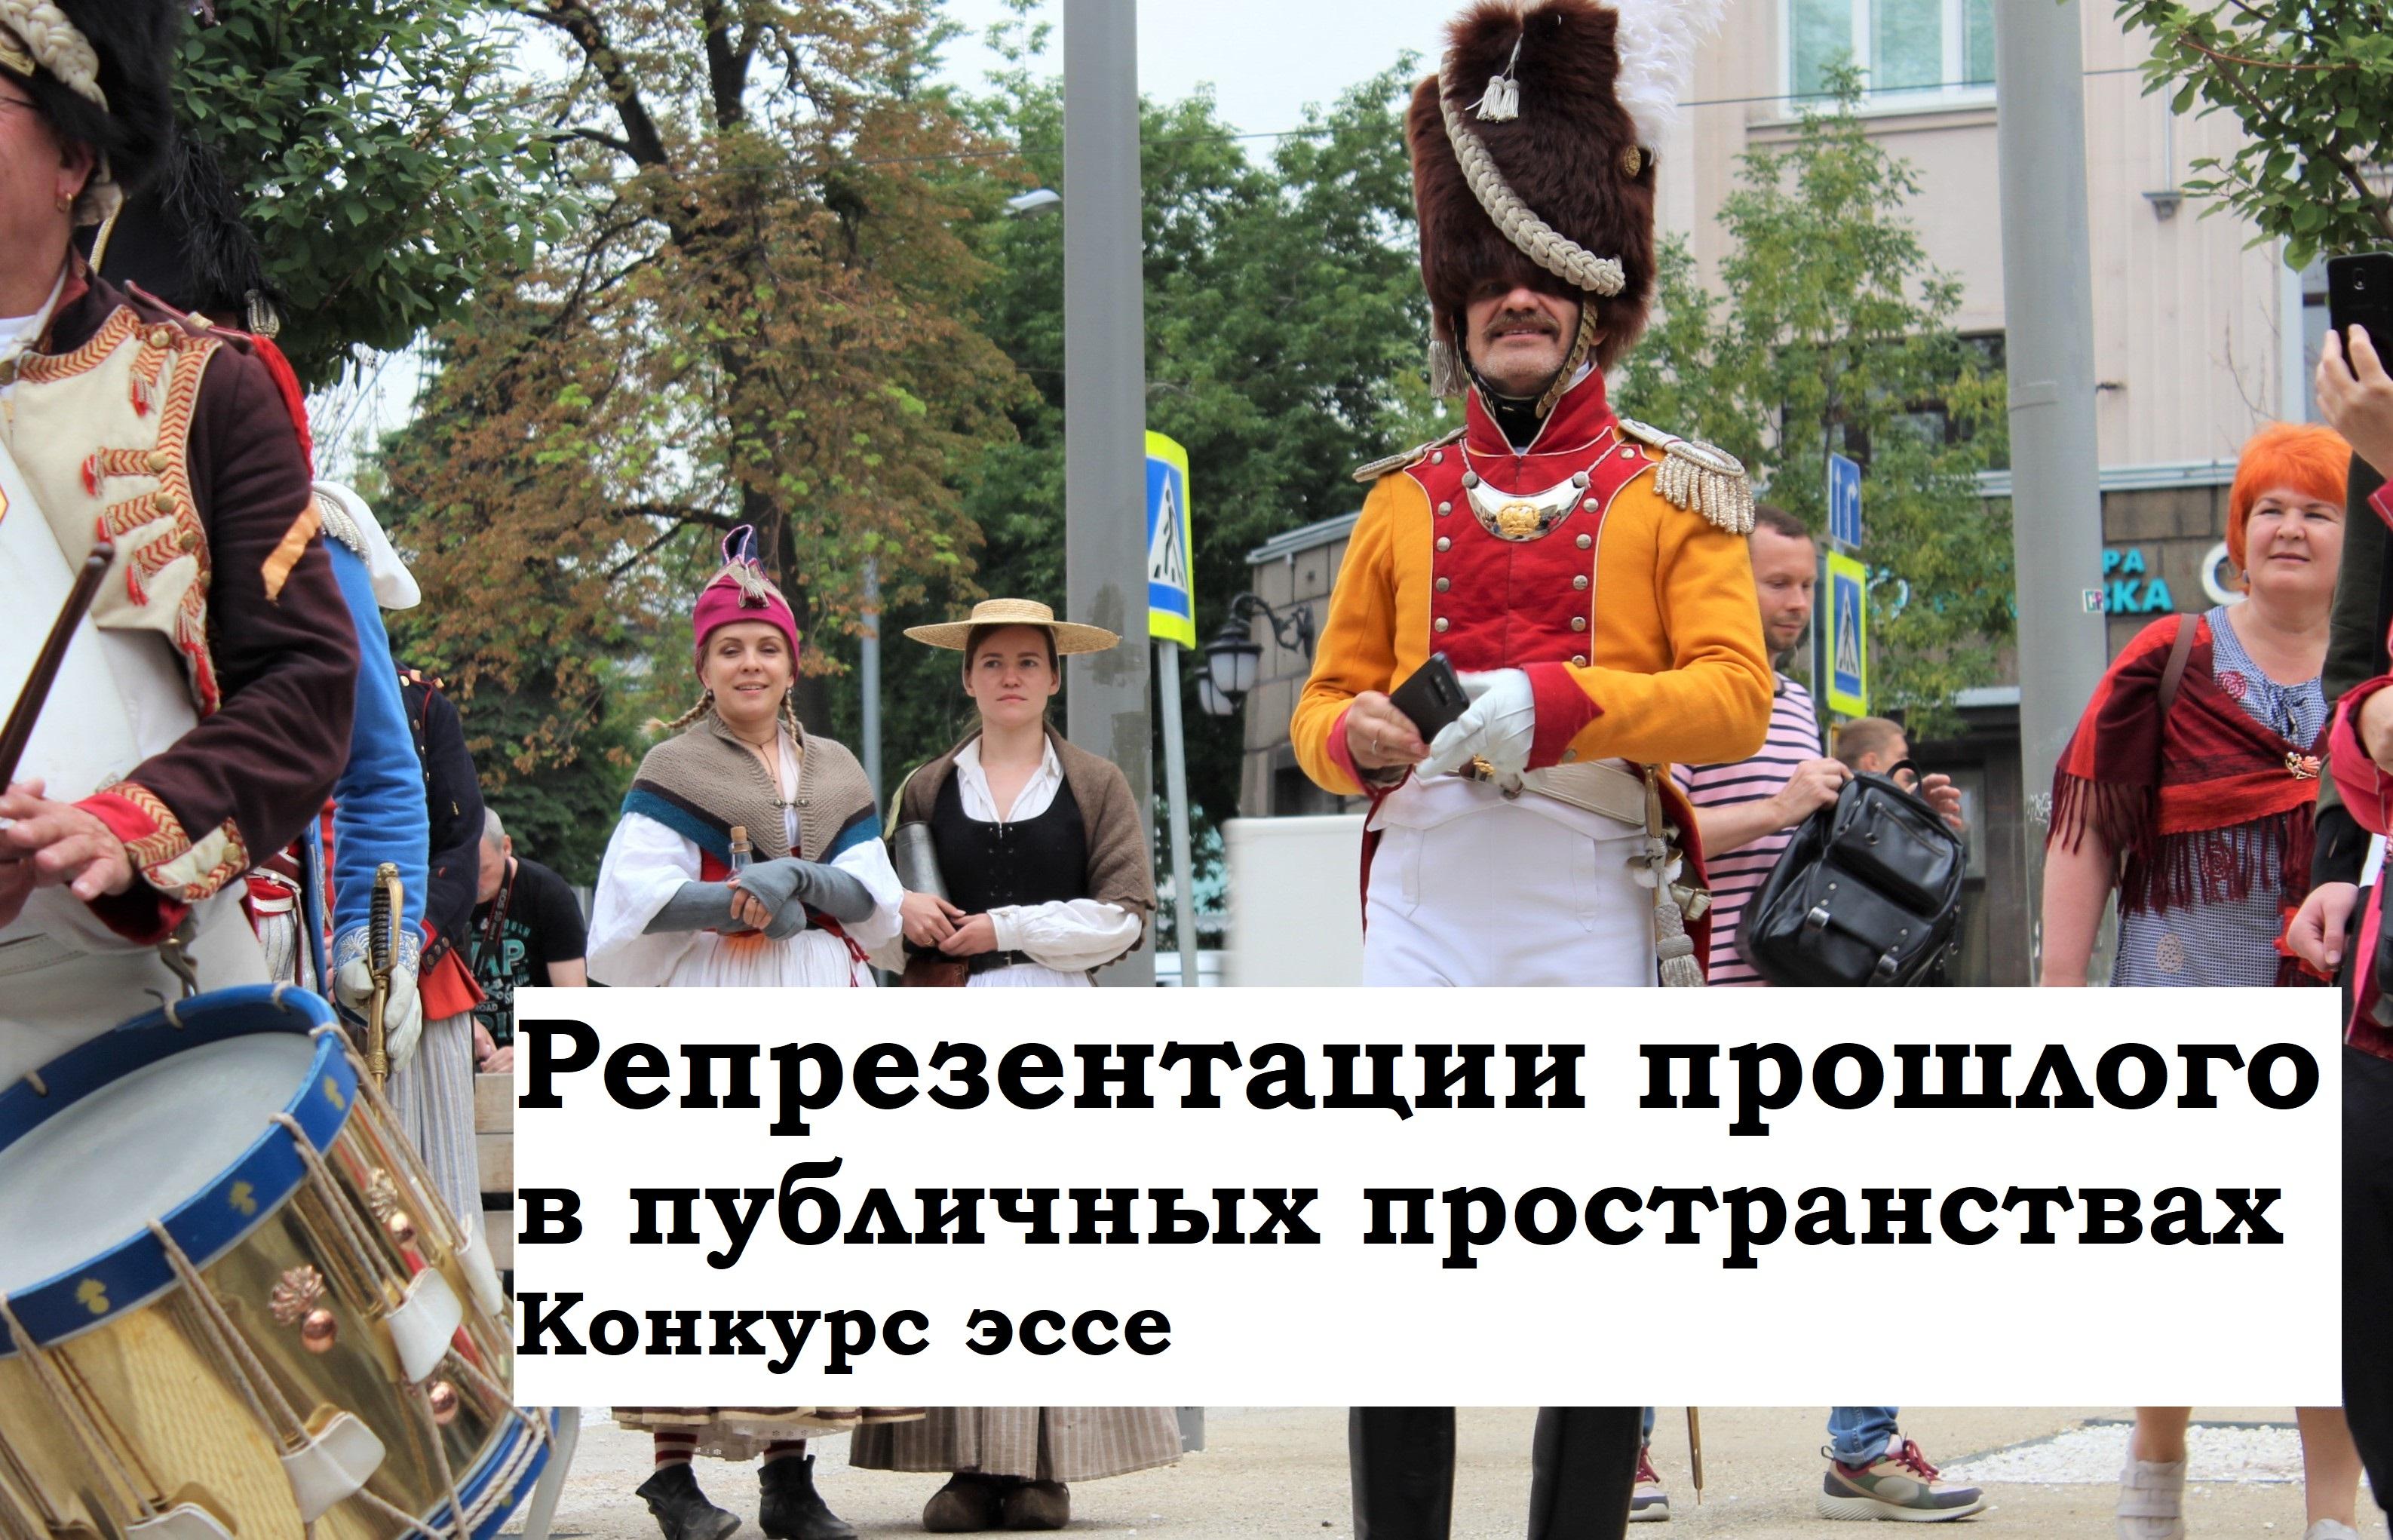 Всероссийский конкурс эссе по публичной истории